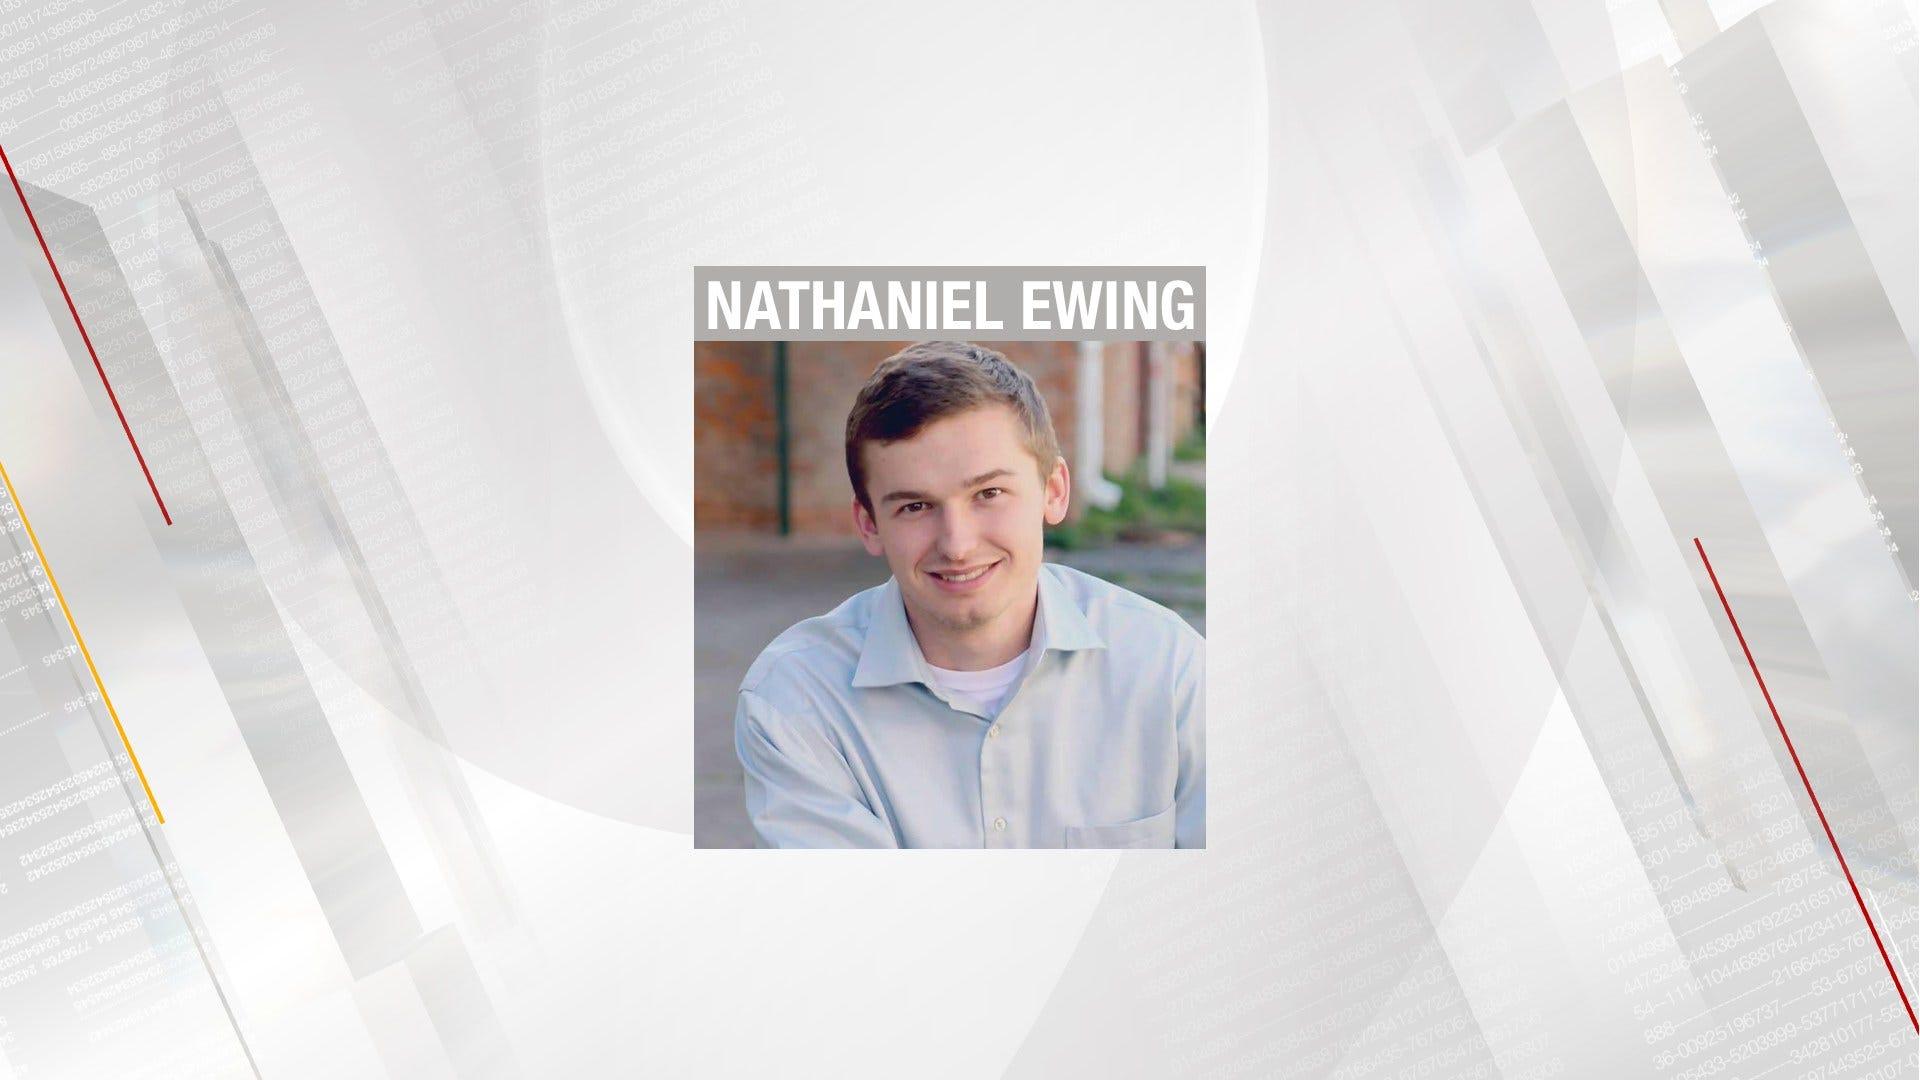 Slain OU Student's Best Friend Shares His Grief